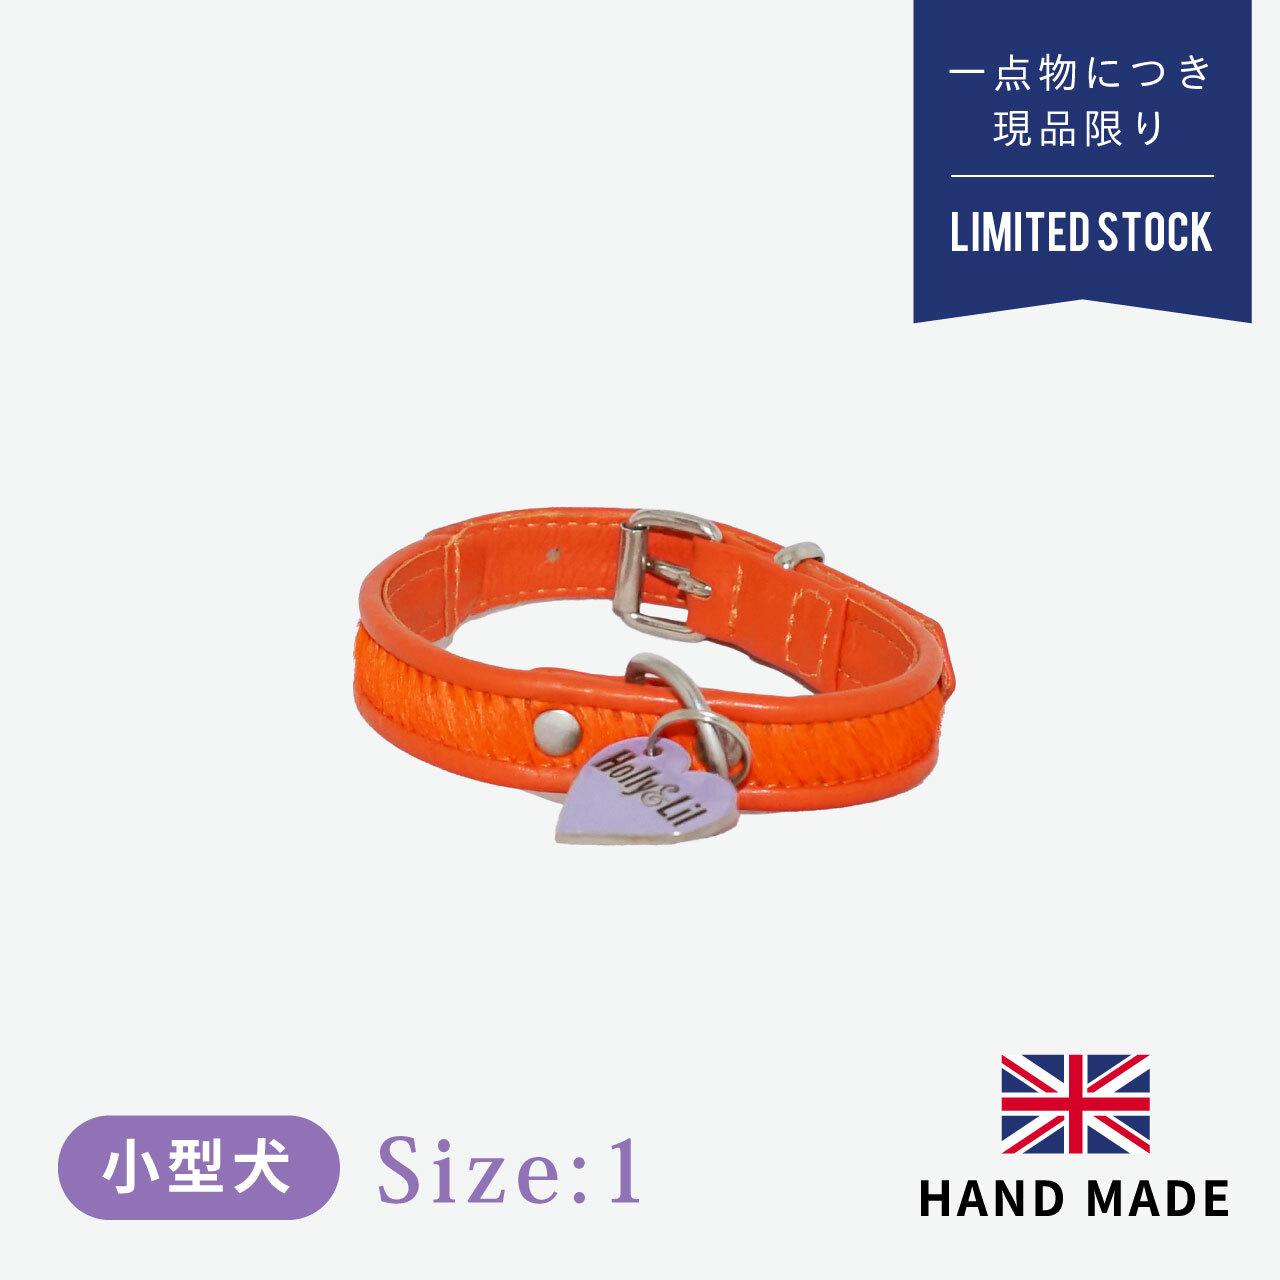 ホリー&リル ブライトサイド オレンジ カラー(首輪) size1